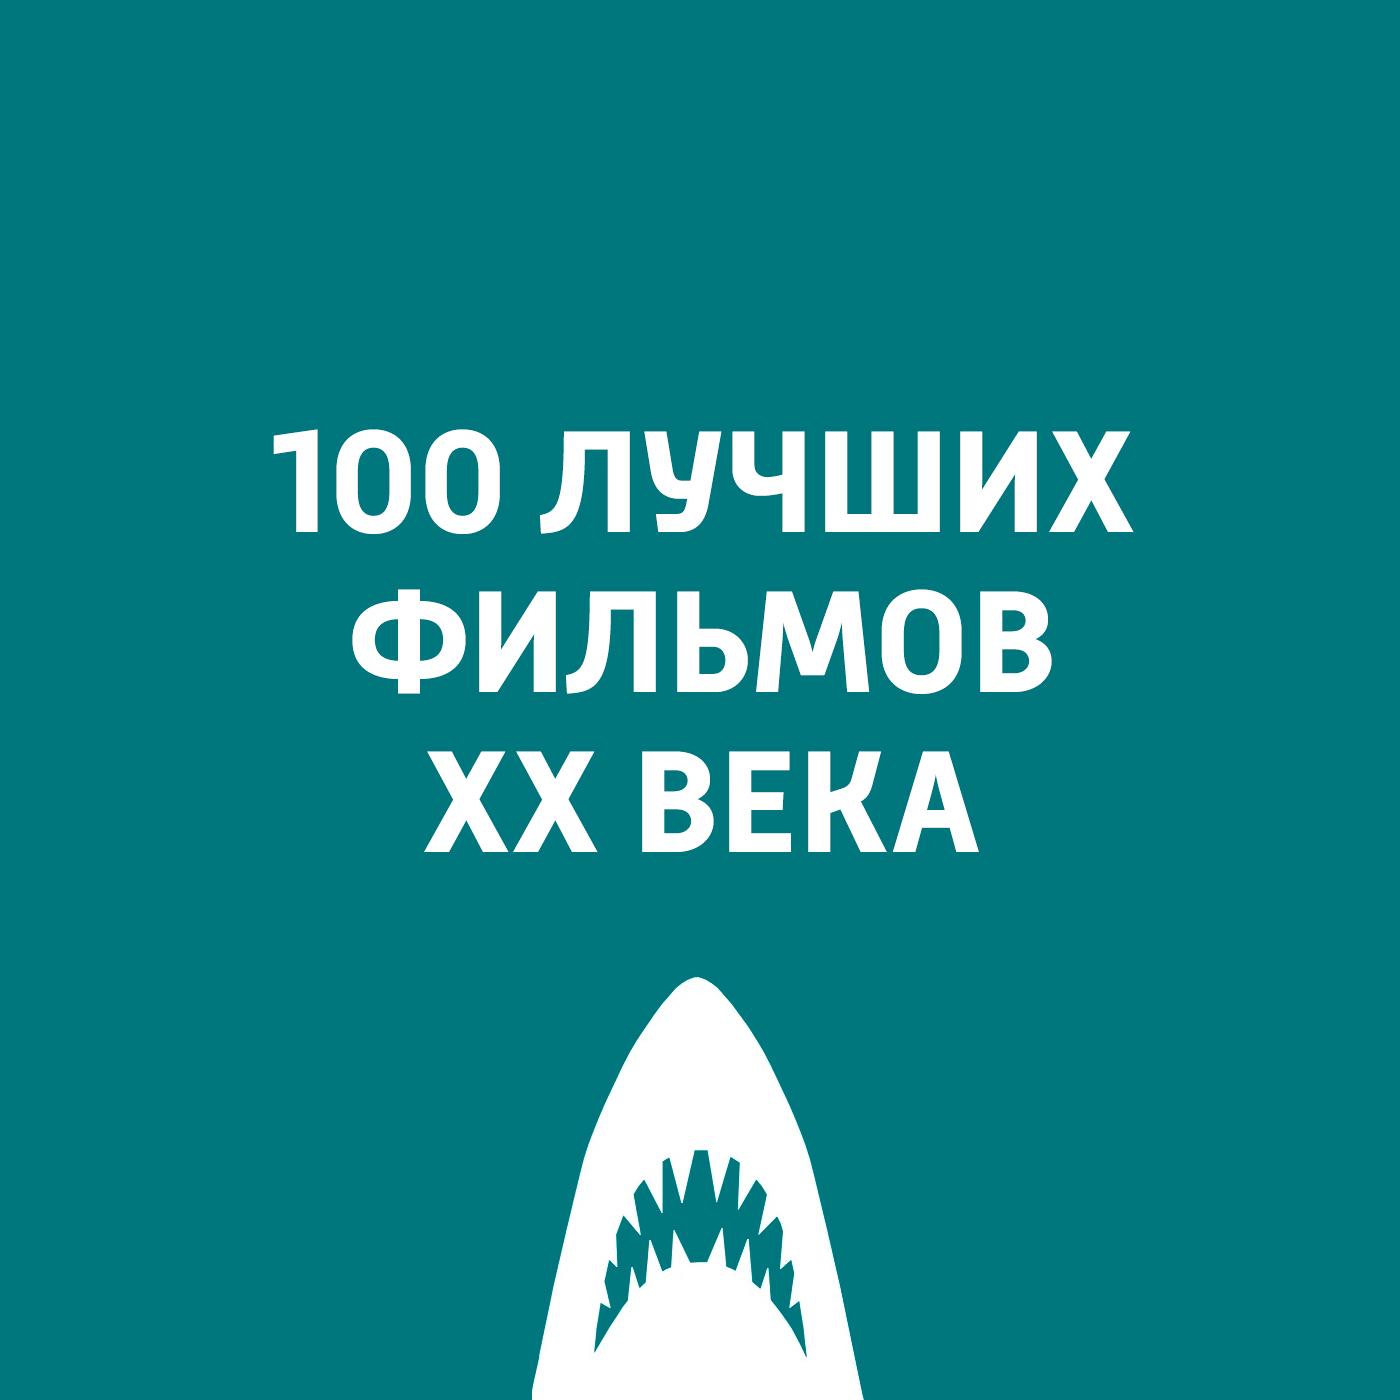 Антон Долин Олимпия сhokocat пилюли от лени леденцы для рассасывания 18 г